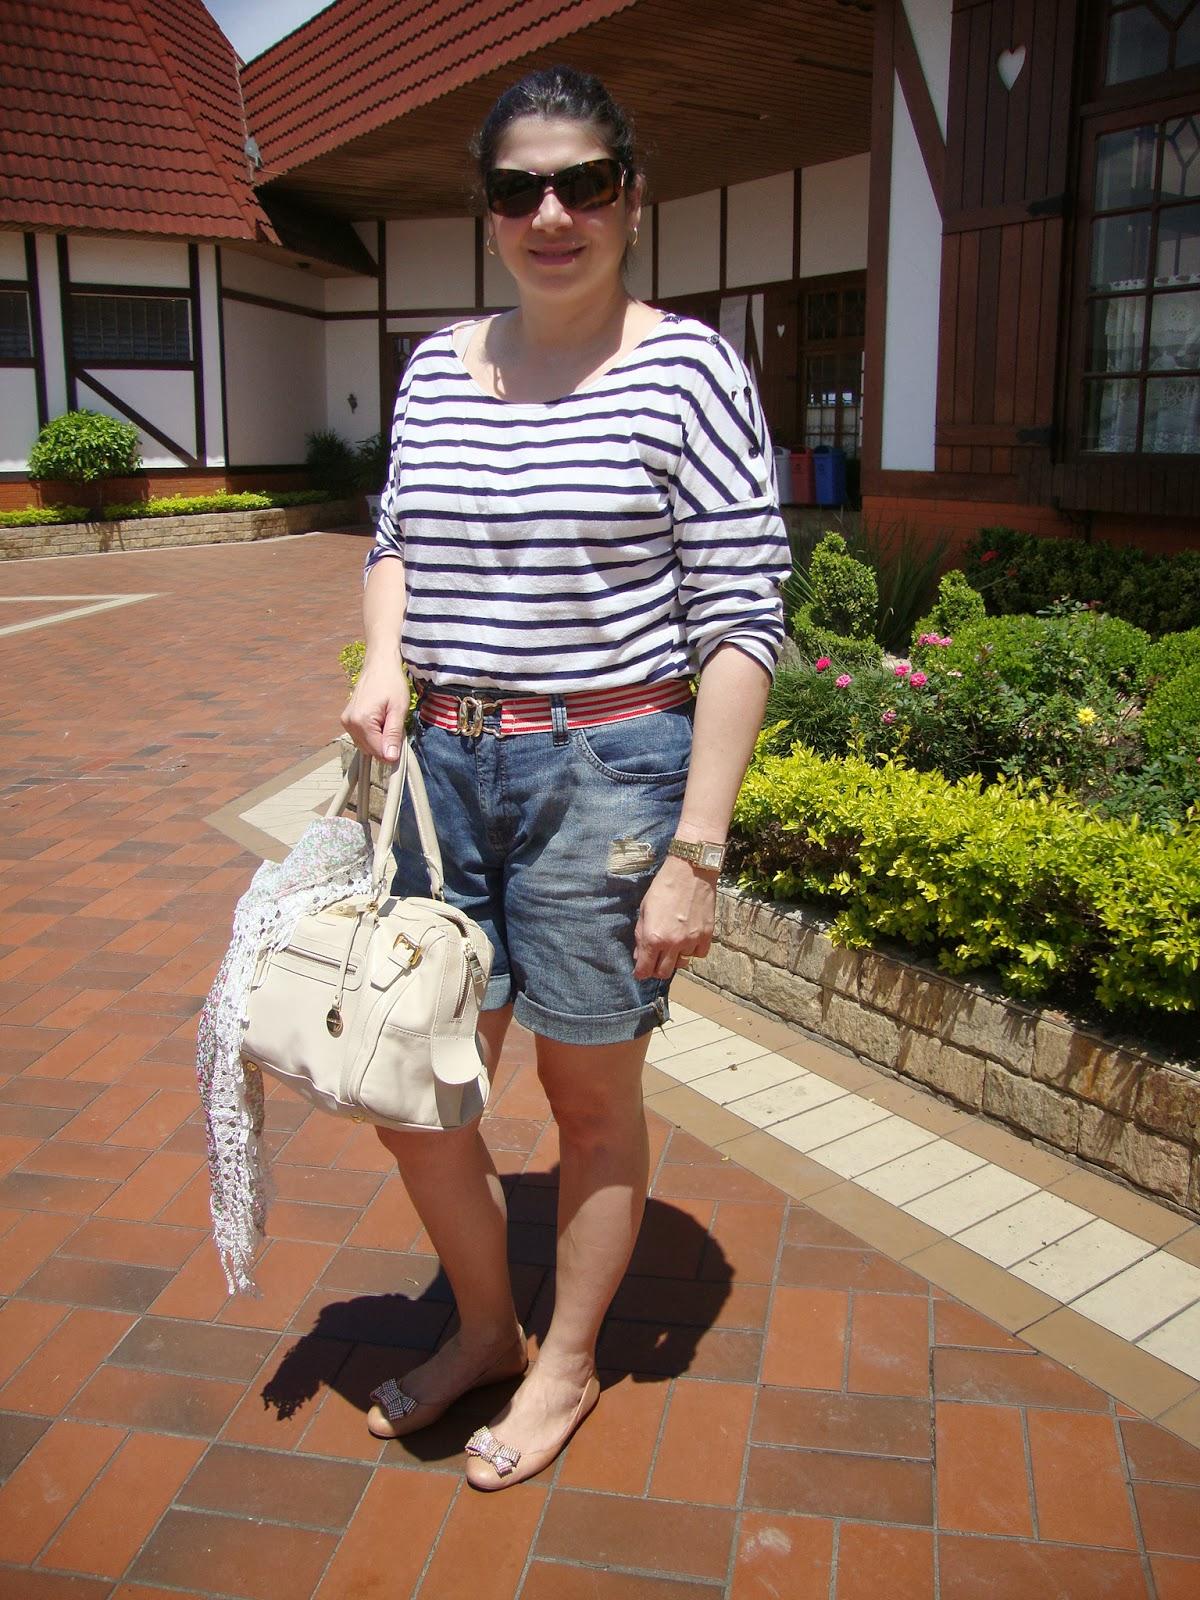 0f98ae48e camiseta de listras: Zara cinto de elástico: Renner short jeans: C&A  sapatilhas: UZA bolsa: Lumière Soleil lenço: ACSA